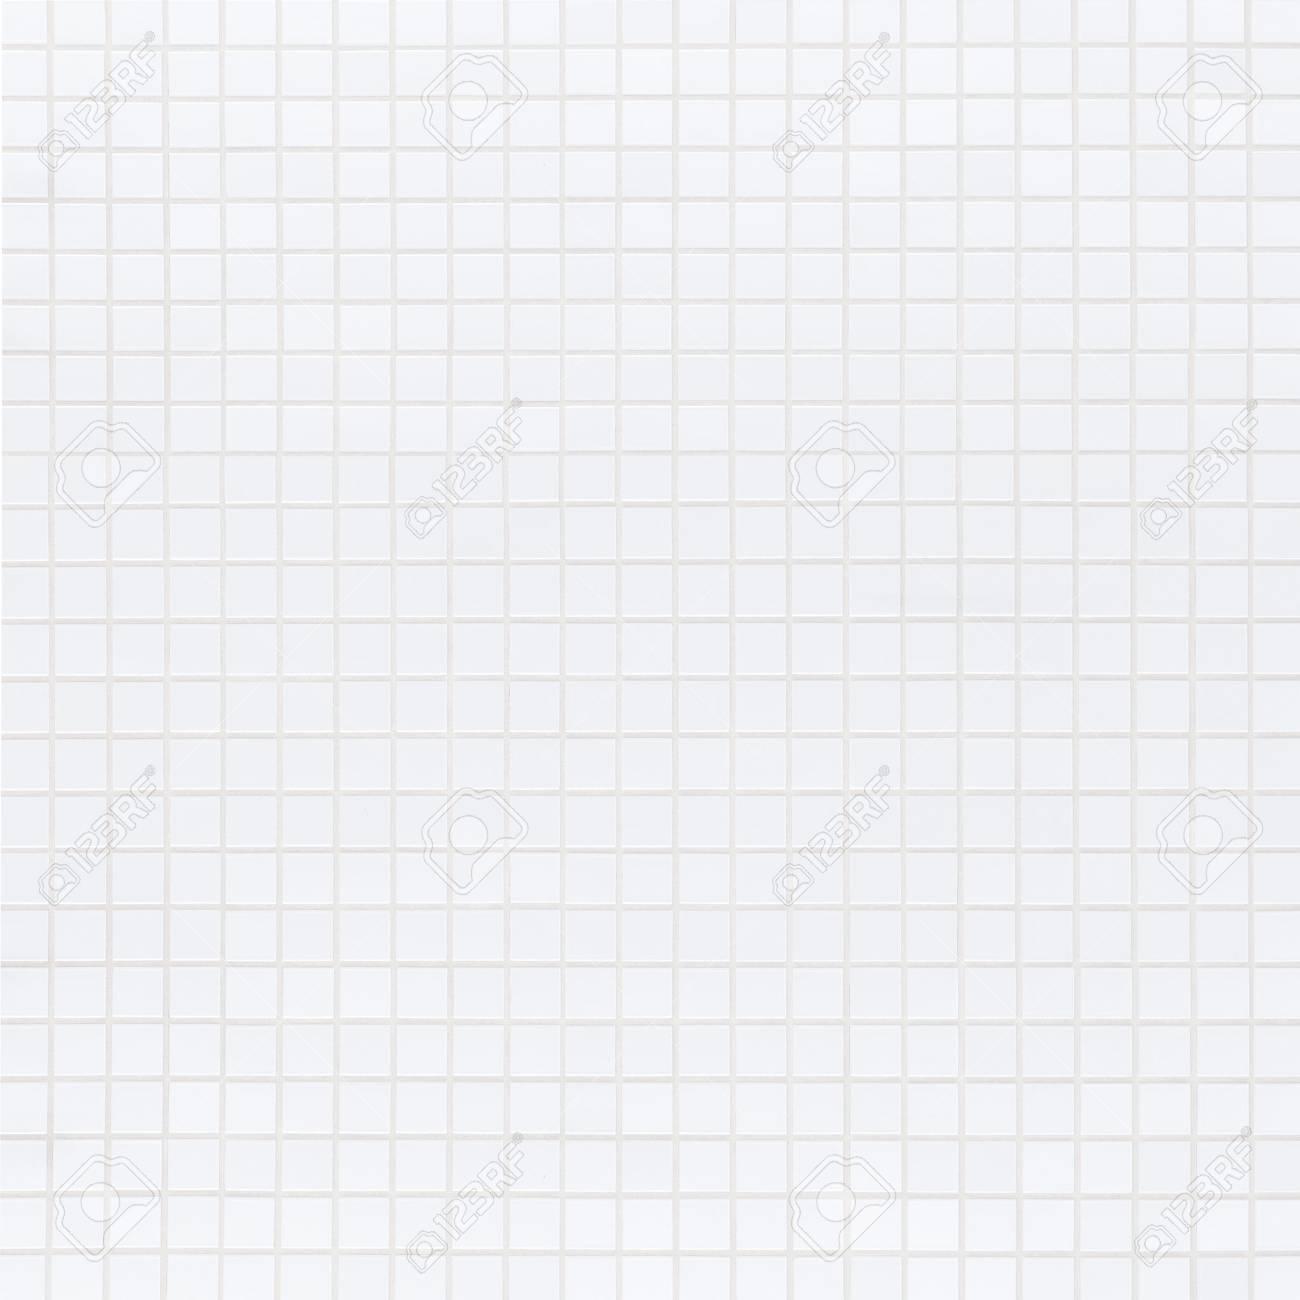 New modern white brick wall seamless background and pattern - 47560968